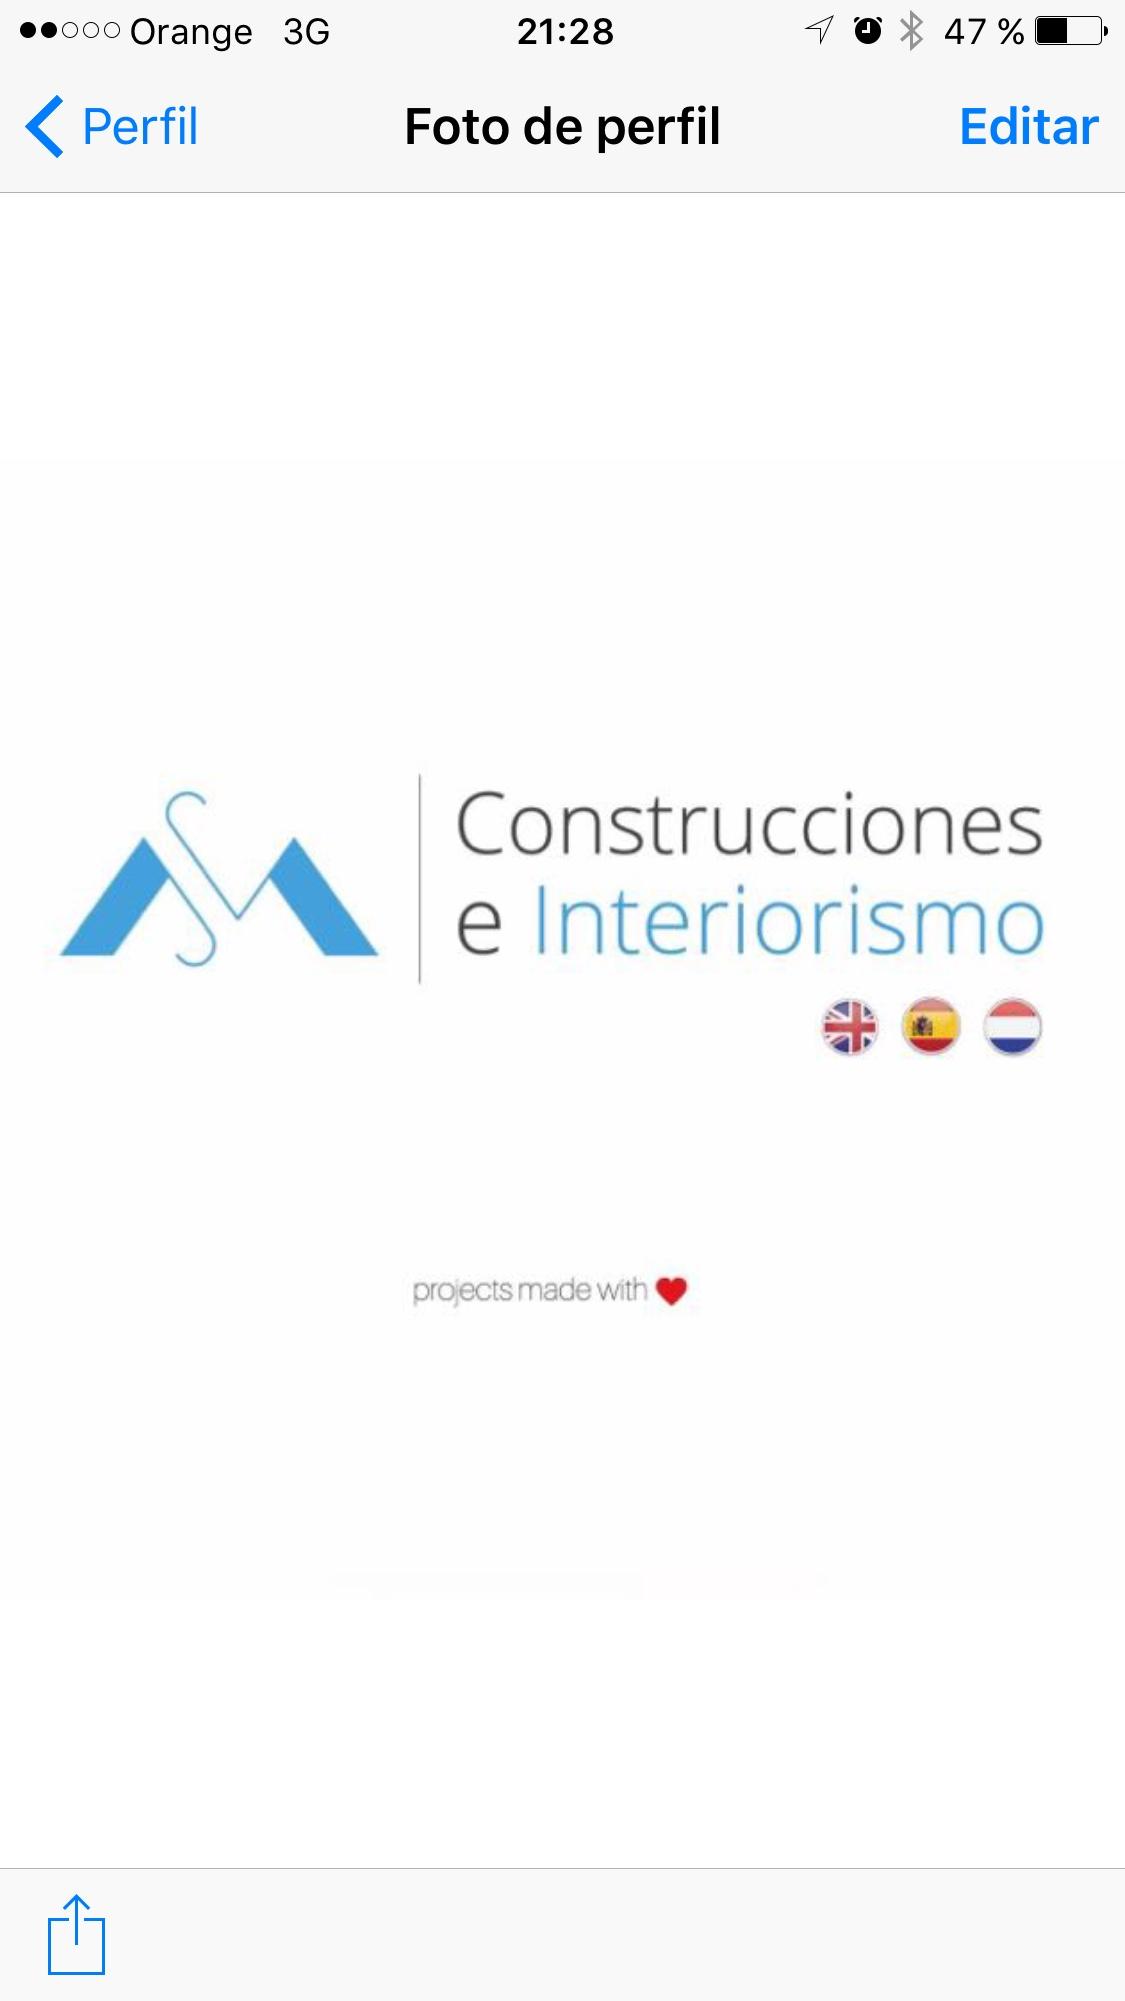 M.S Construcciones e interiorismo